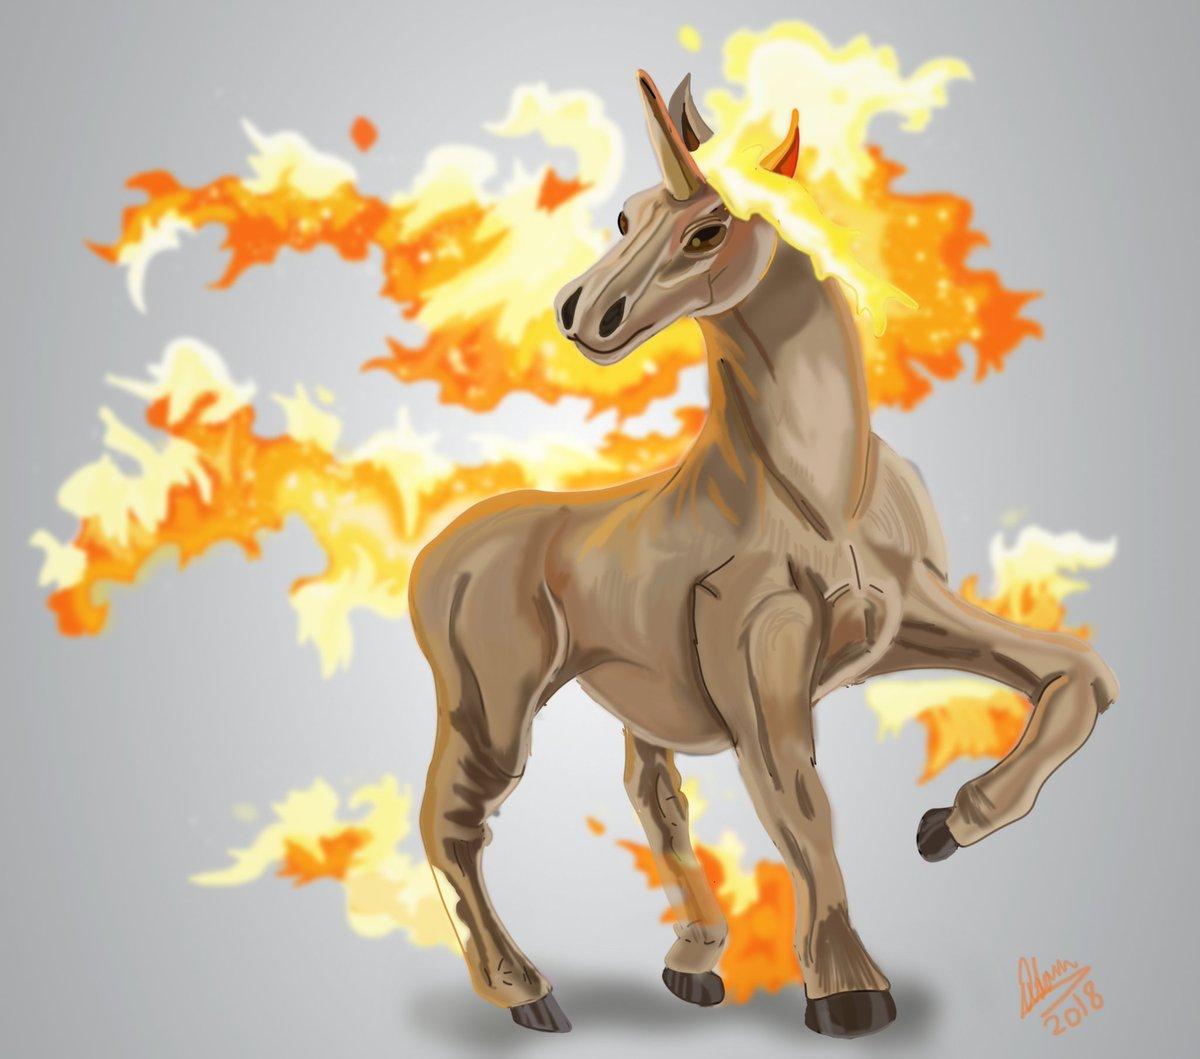 Rpidas Latest Image Twilight Sparkle Rapidash By My Little Pony  # Muebles Pokemon